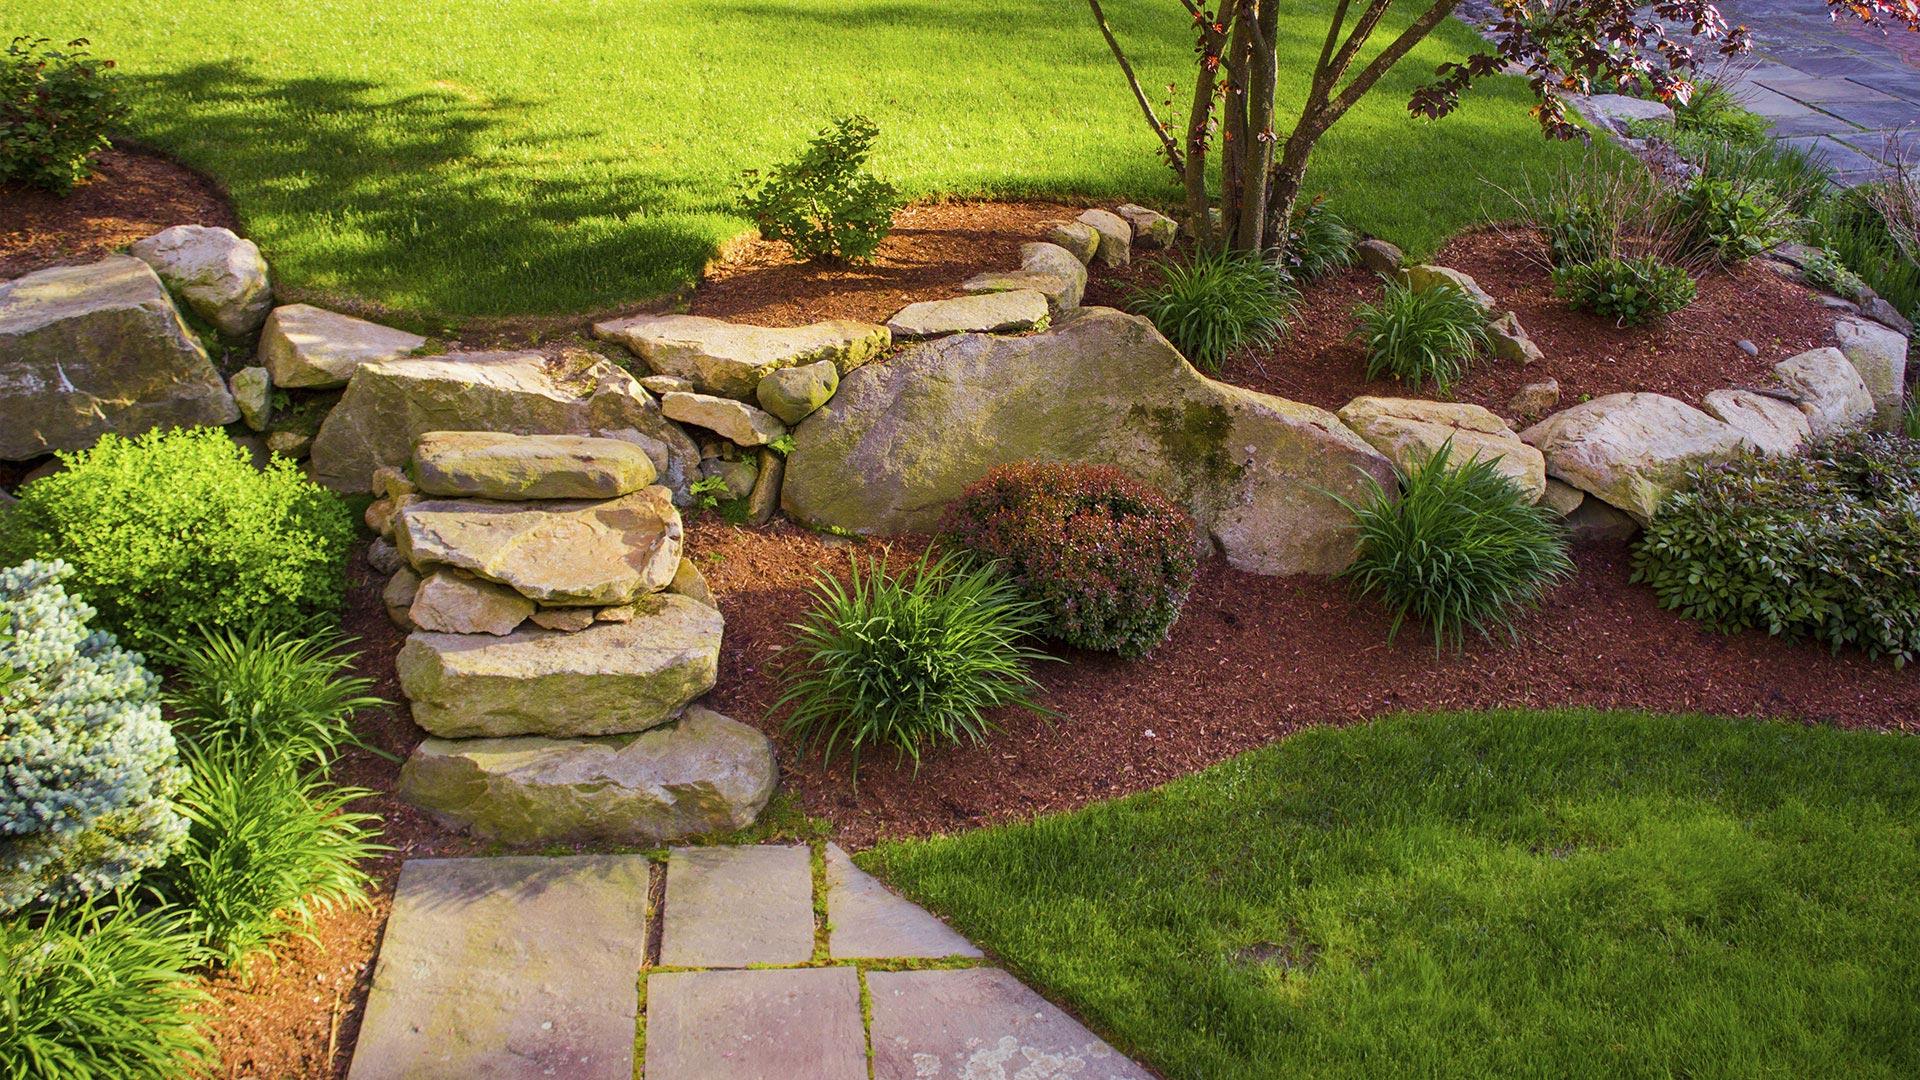 Signature Landscapes Landscape Design, Landscaping Services and Landscaper slide 3